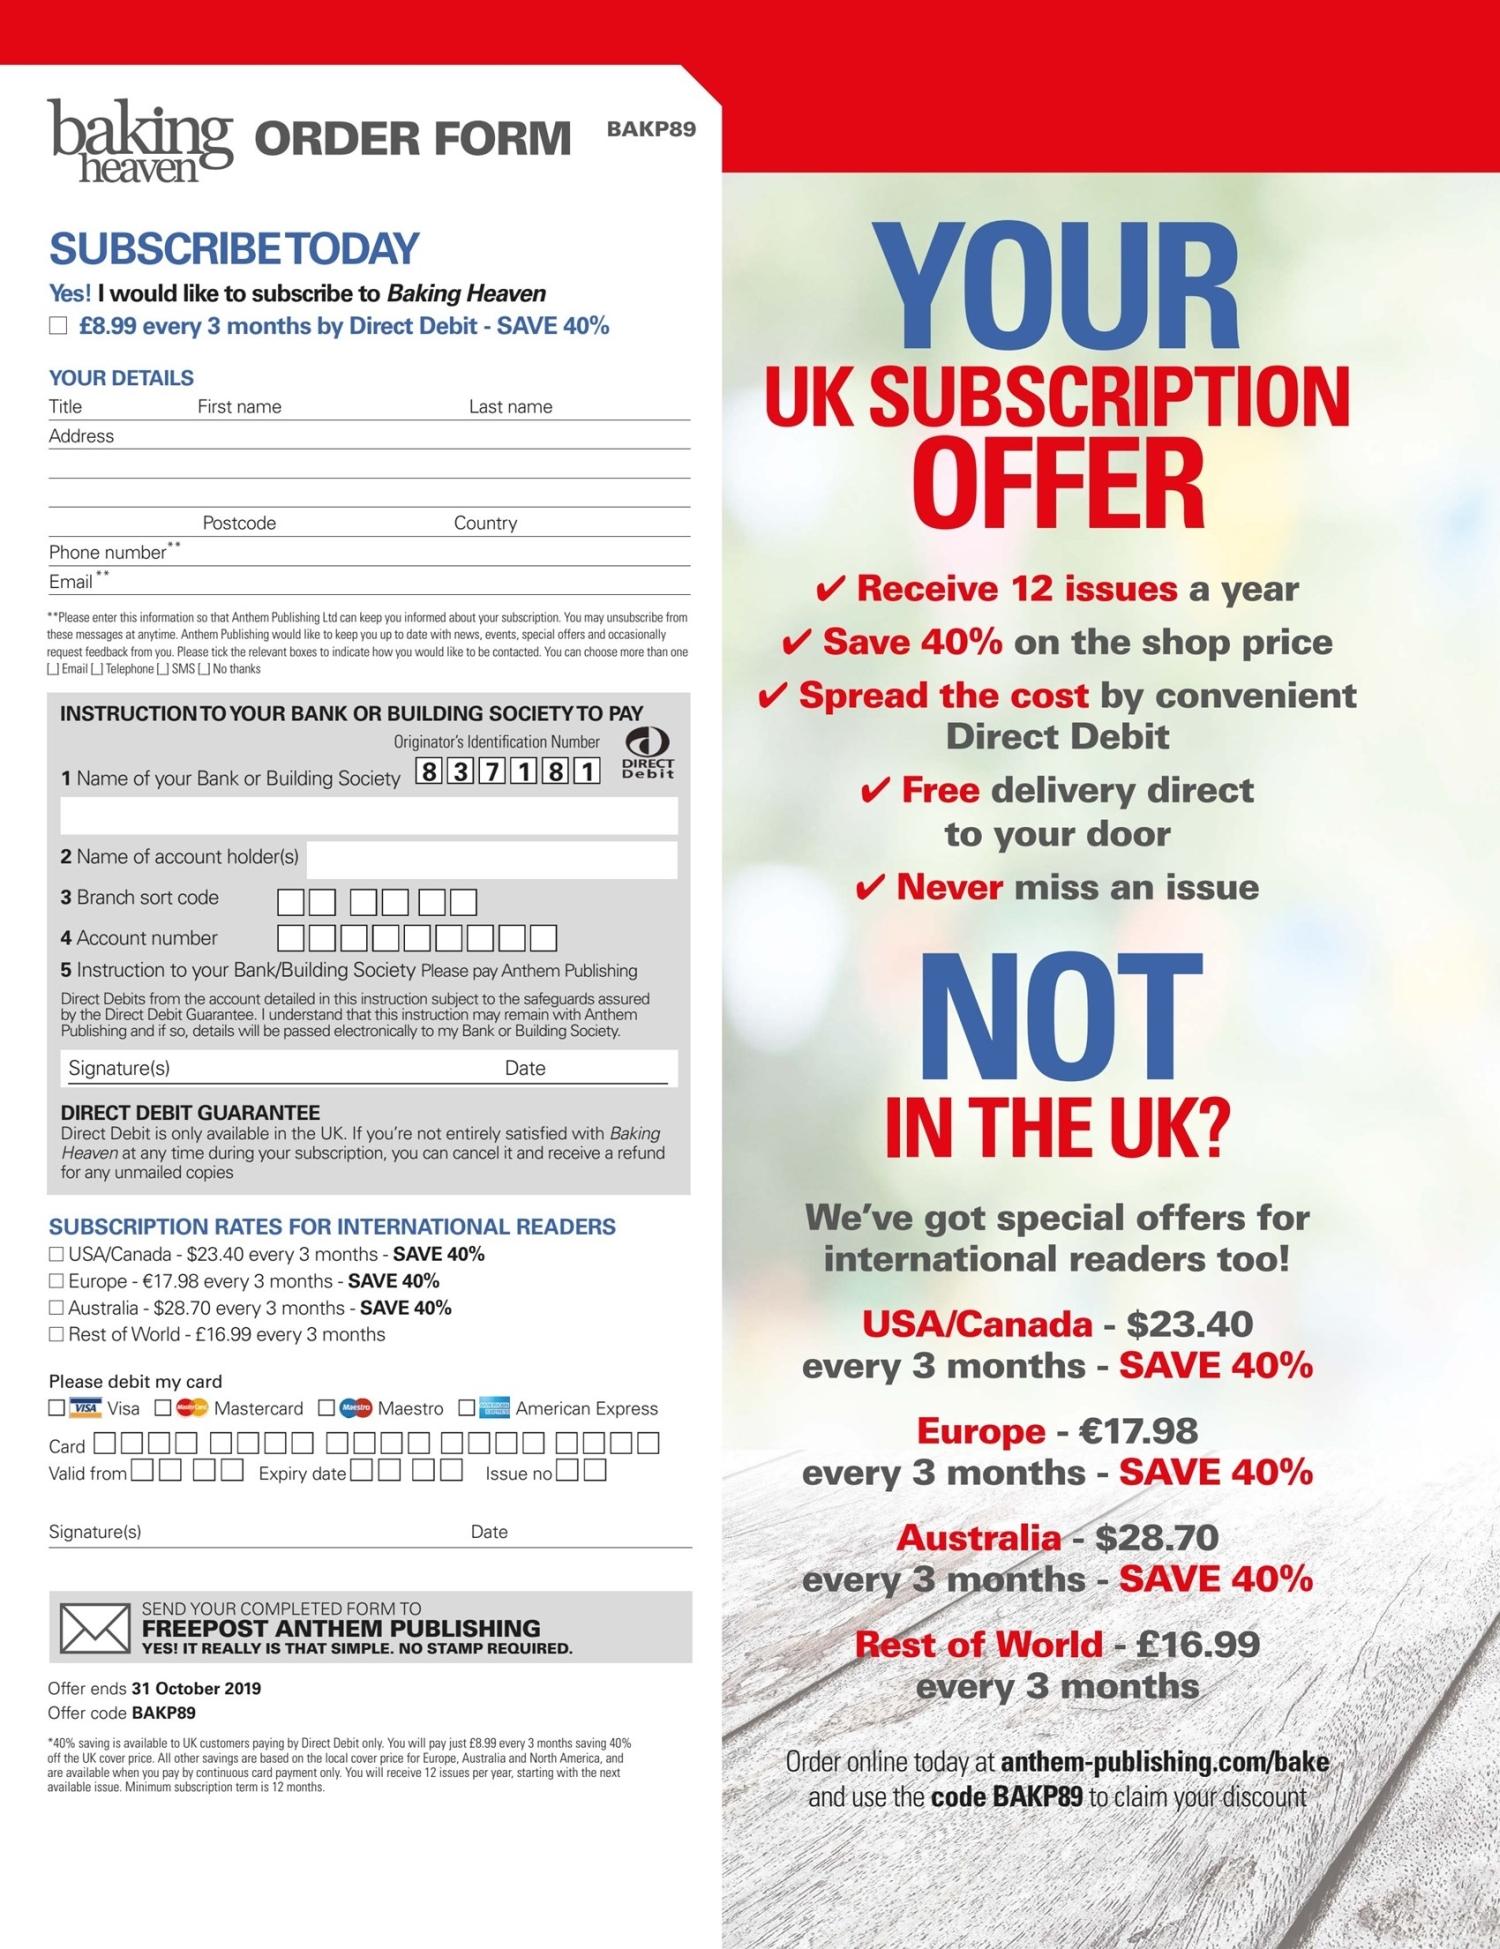 Your Uk Subscription Offer Pocketmagscom